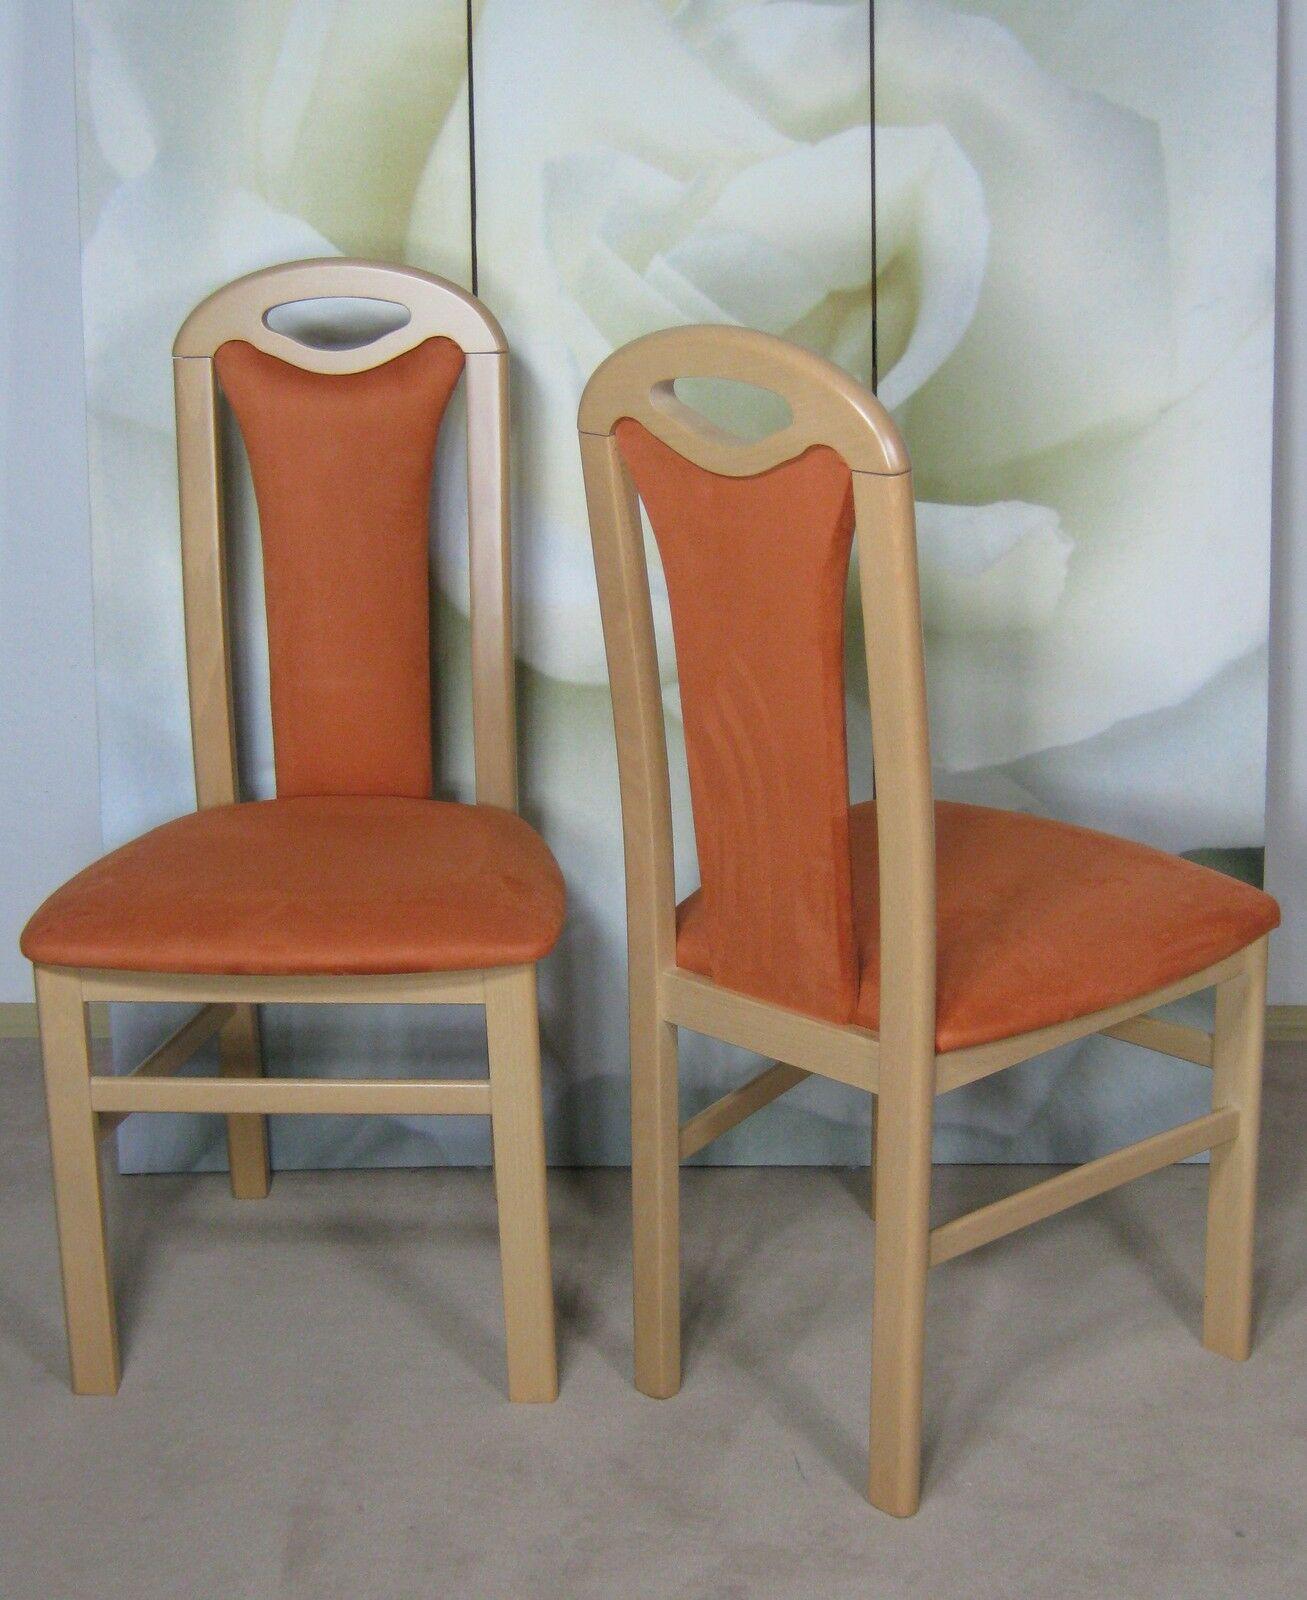 Gewaltig Esszimmerstühle Buche Massiv Foto Von 2 X Stuhl Esszimmer 2er Set Natur